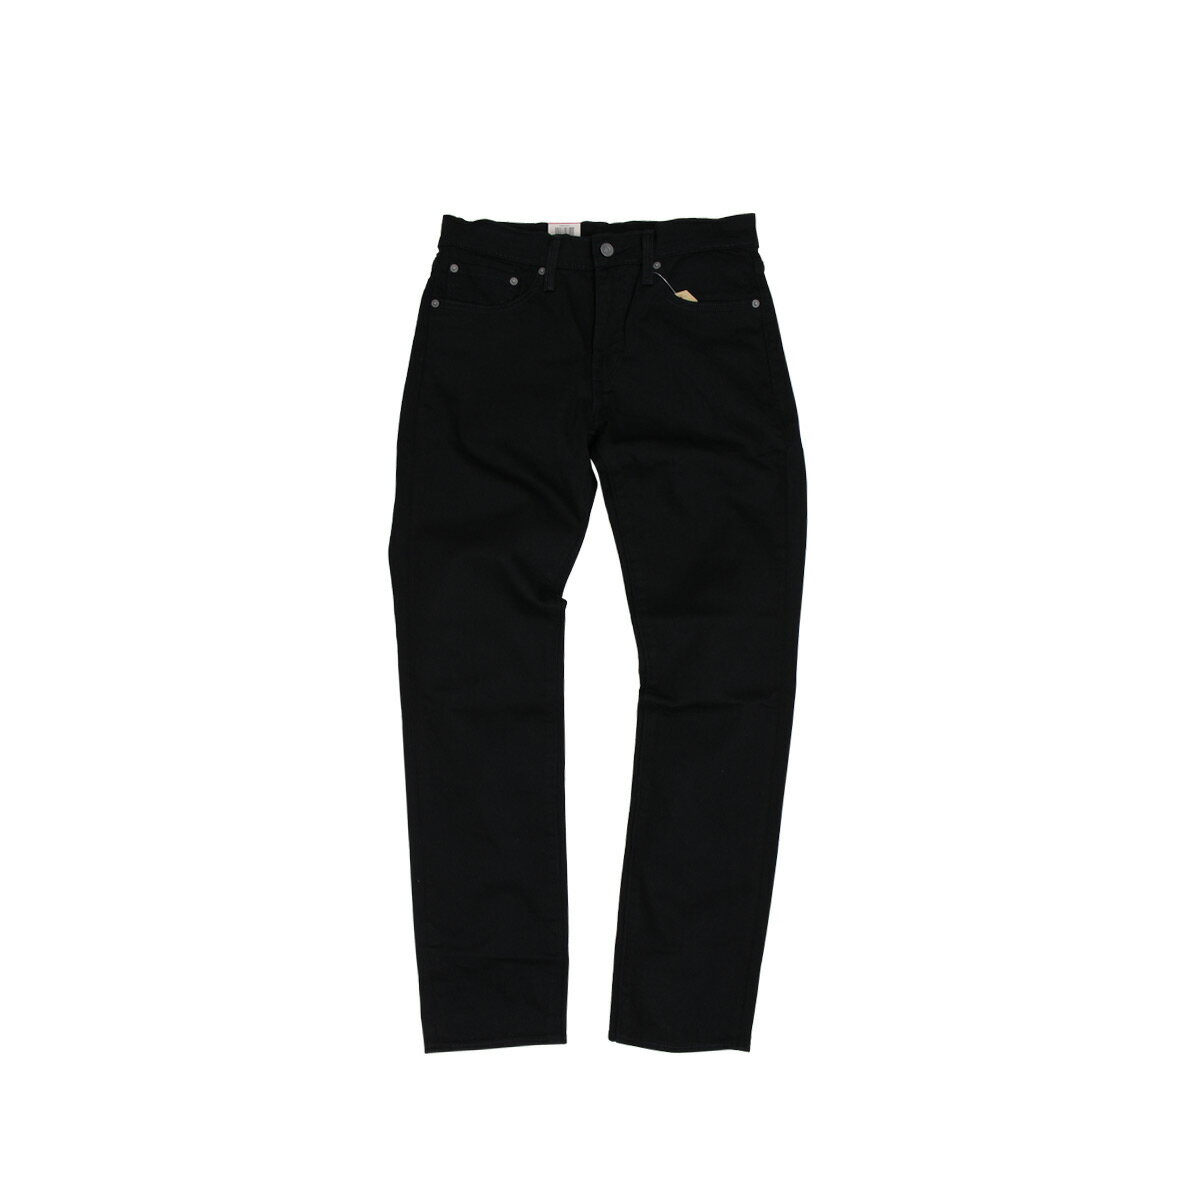 LEVI'S SLIM TAPERED FIT リーバイス 511 スリムフィット デニム パンツ メンズ ブラック 04511-1507 [1812]